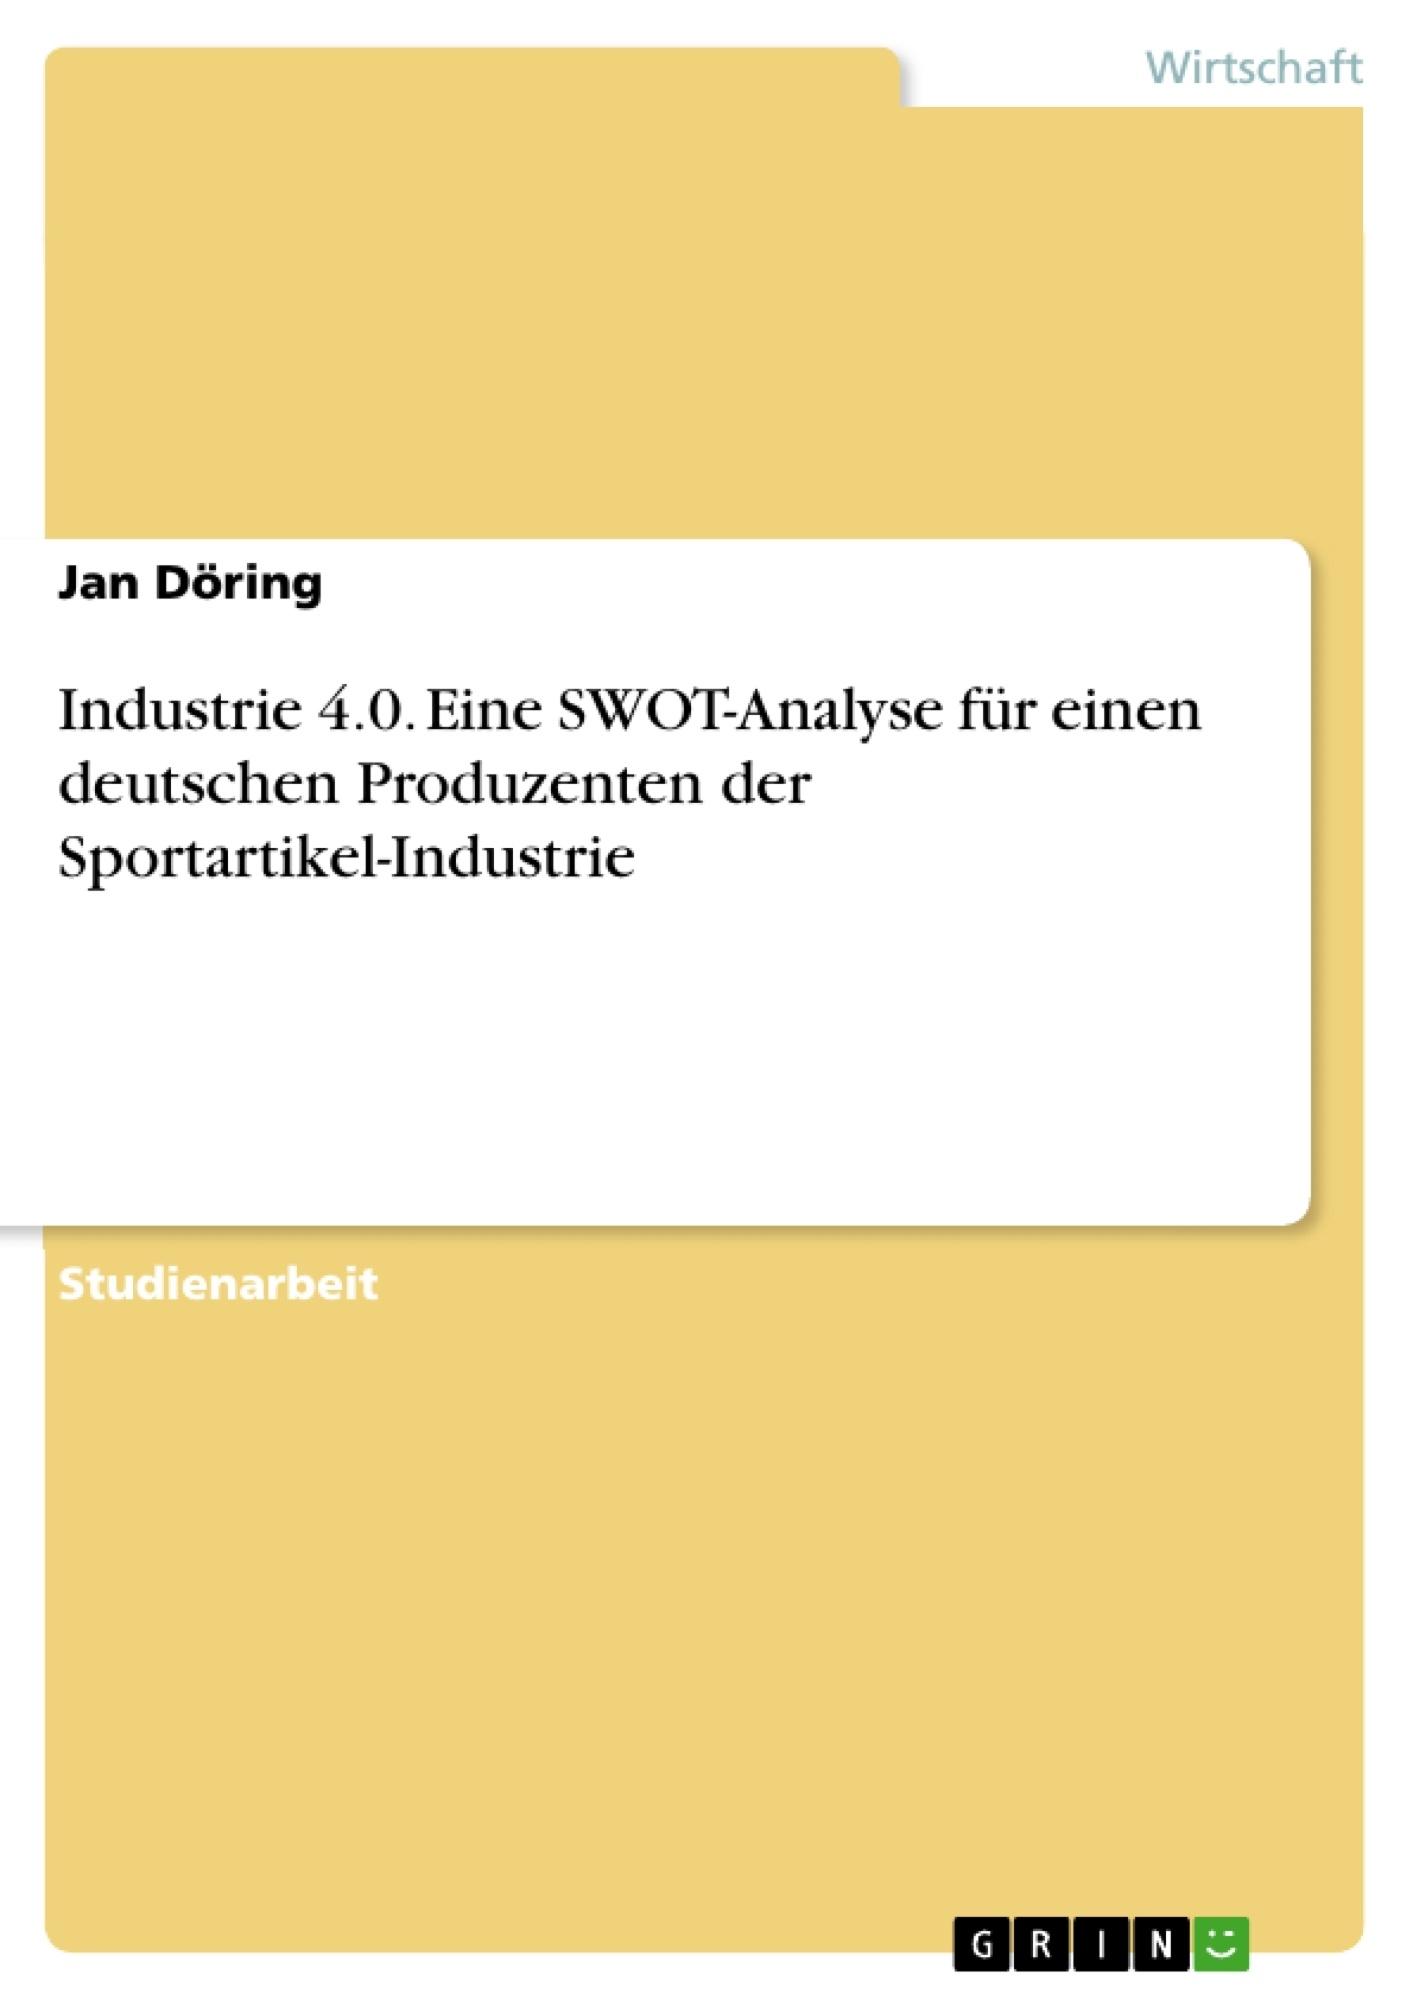 Titel: Industrie 4.0. Eine SWOT-Analyse für einen deutschen Produzenten der Sportartikel-Industrie